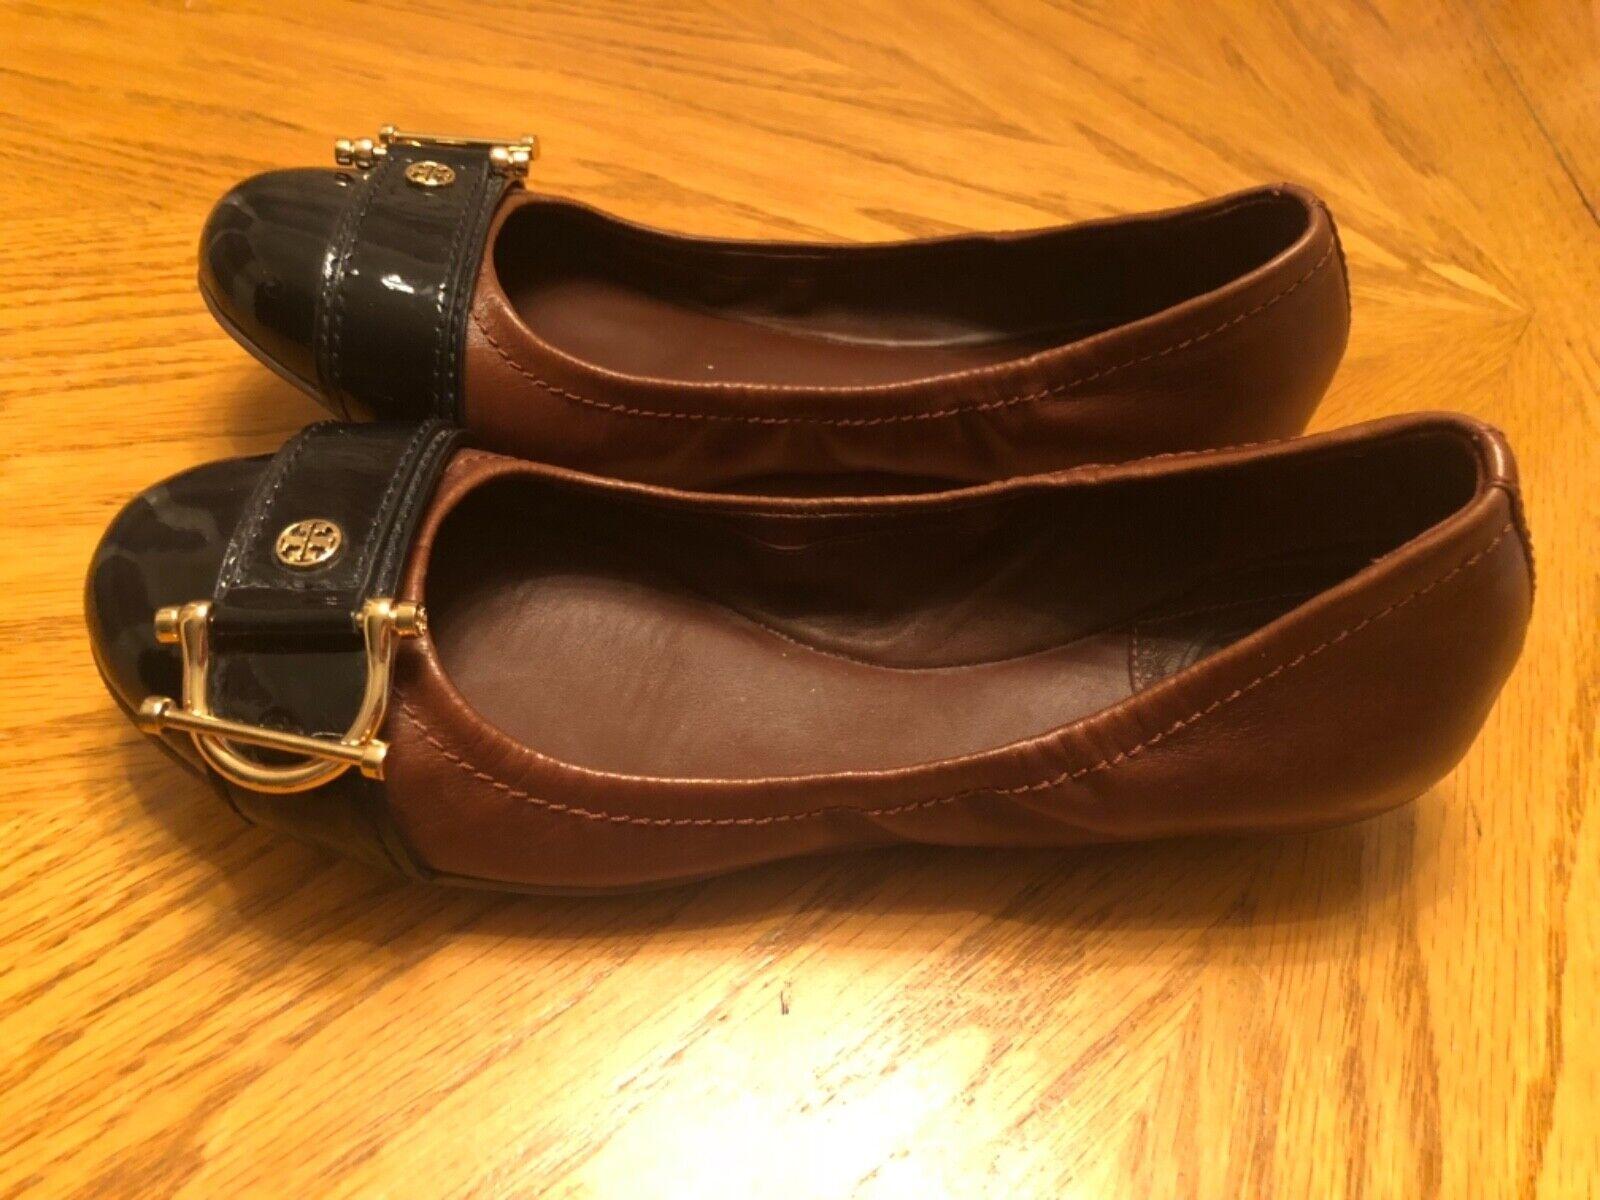 Zapatos Ballerina Zapatos de tacón Tory Burch Marrón y y y Negro de cuero con correa de oro talla 7.5M  la mejor oferta de tienda online